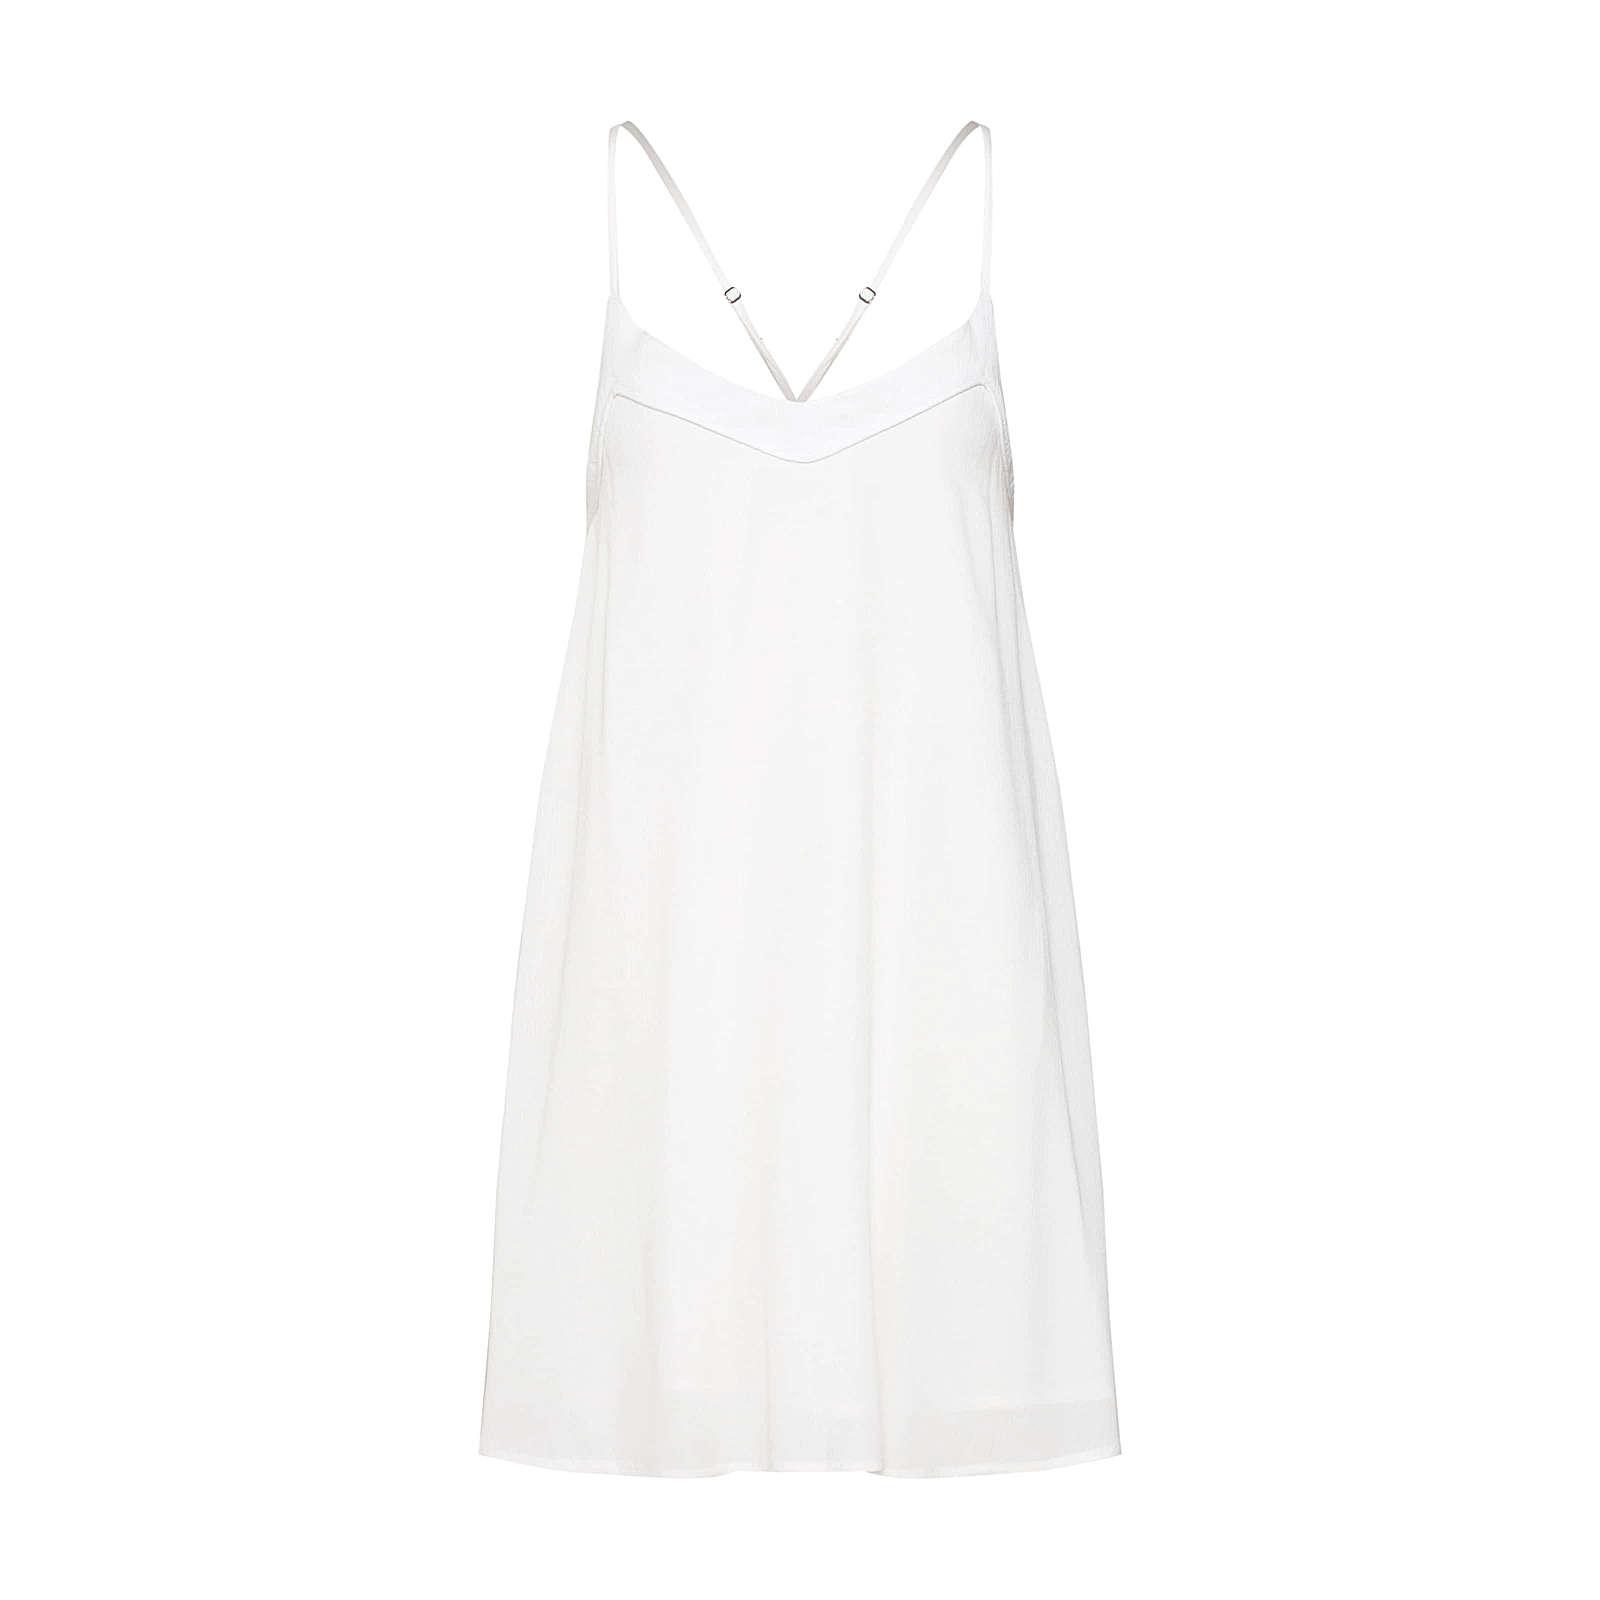 ROXY Sommerkleid Sommerkleider weiß Damen Gr. 38